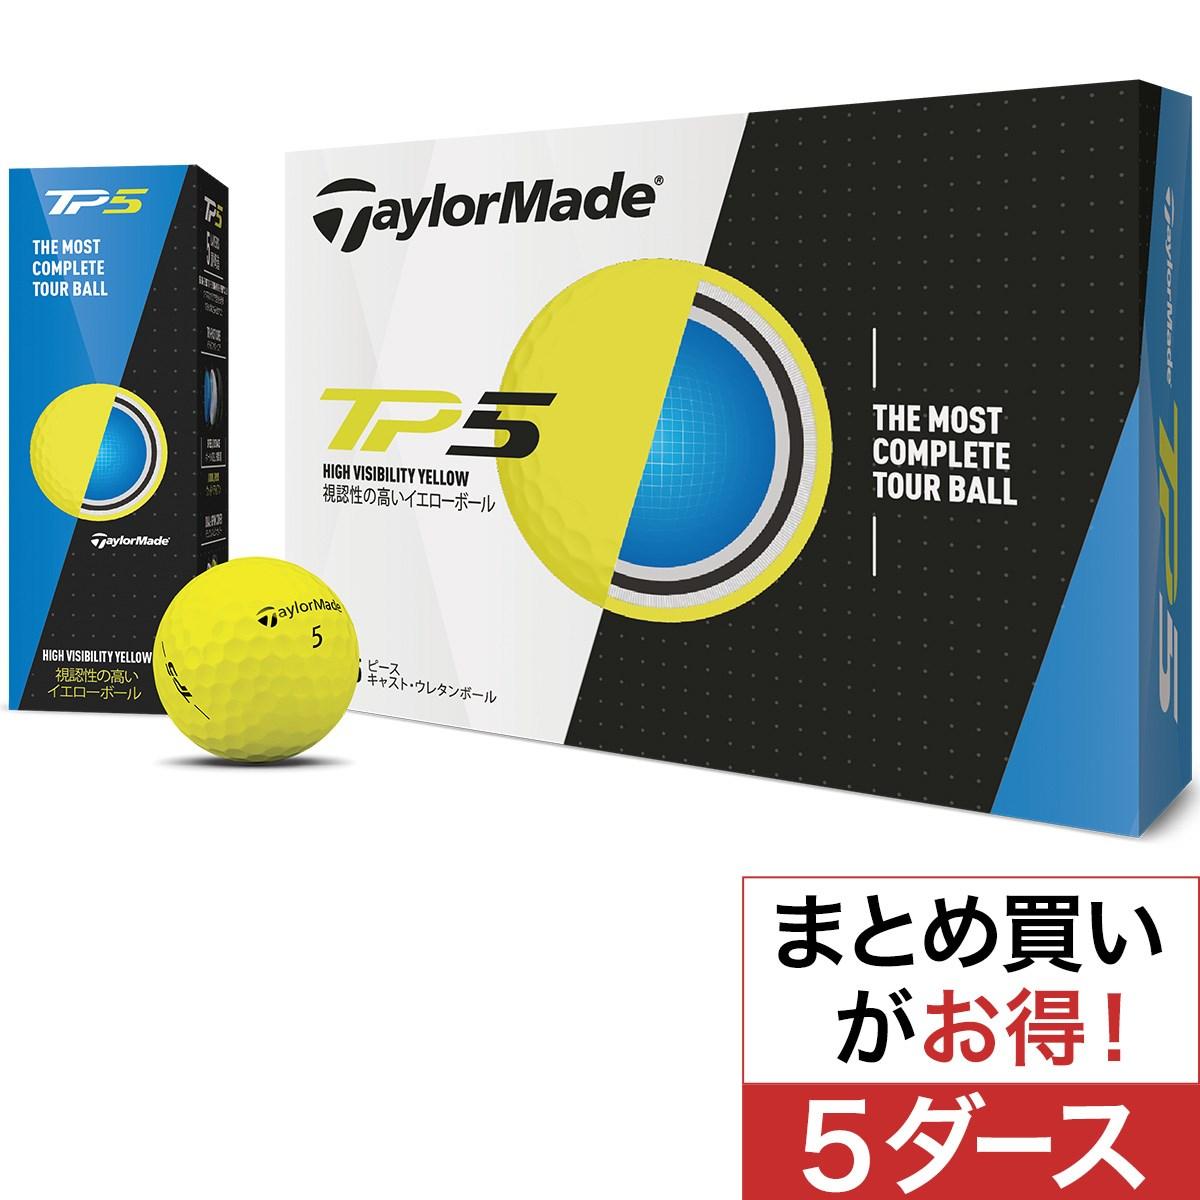 テーラーメイド(Taylor Made) TP5 Yellow ボール 5ダースセット